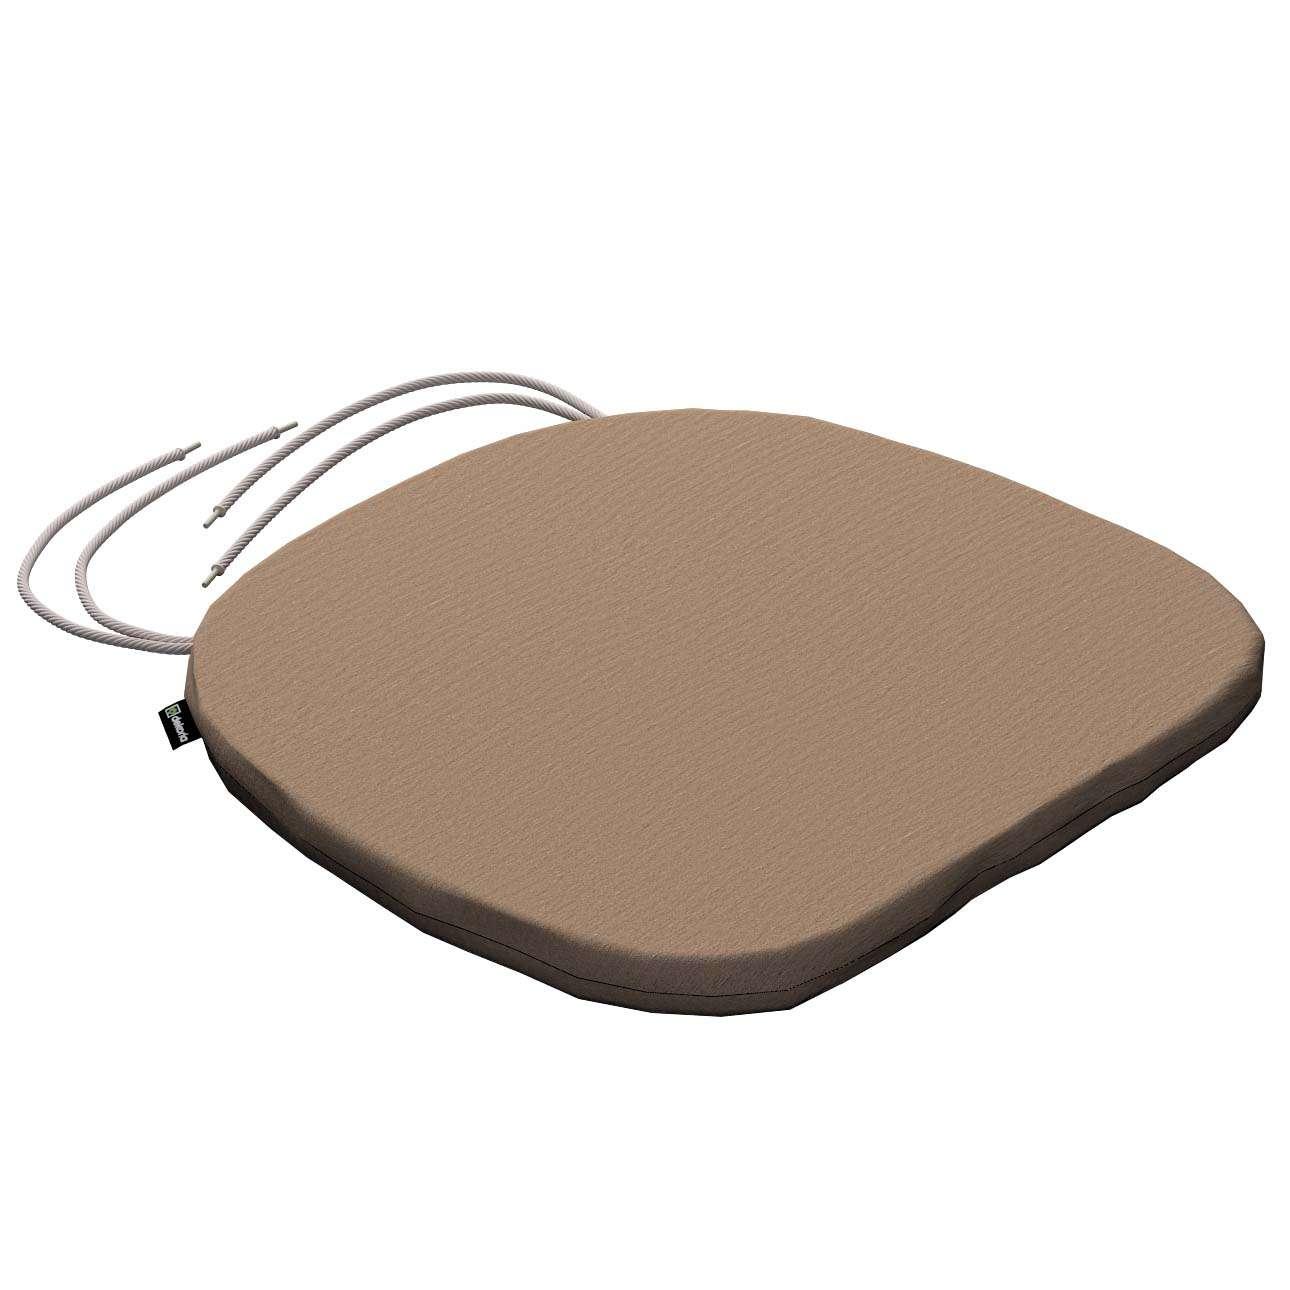 Siedzisko Bartek na krzesło 40x37x2,5cm w kolekcji Quadro, tkanina: 136-09